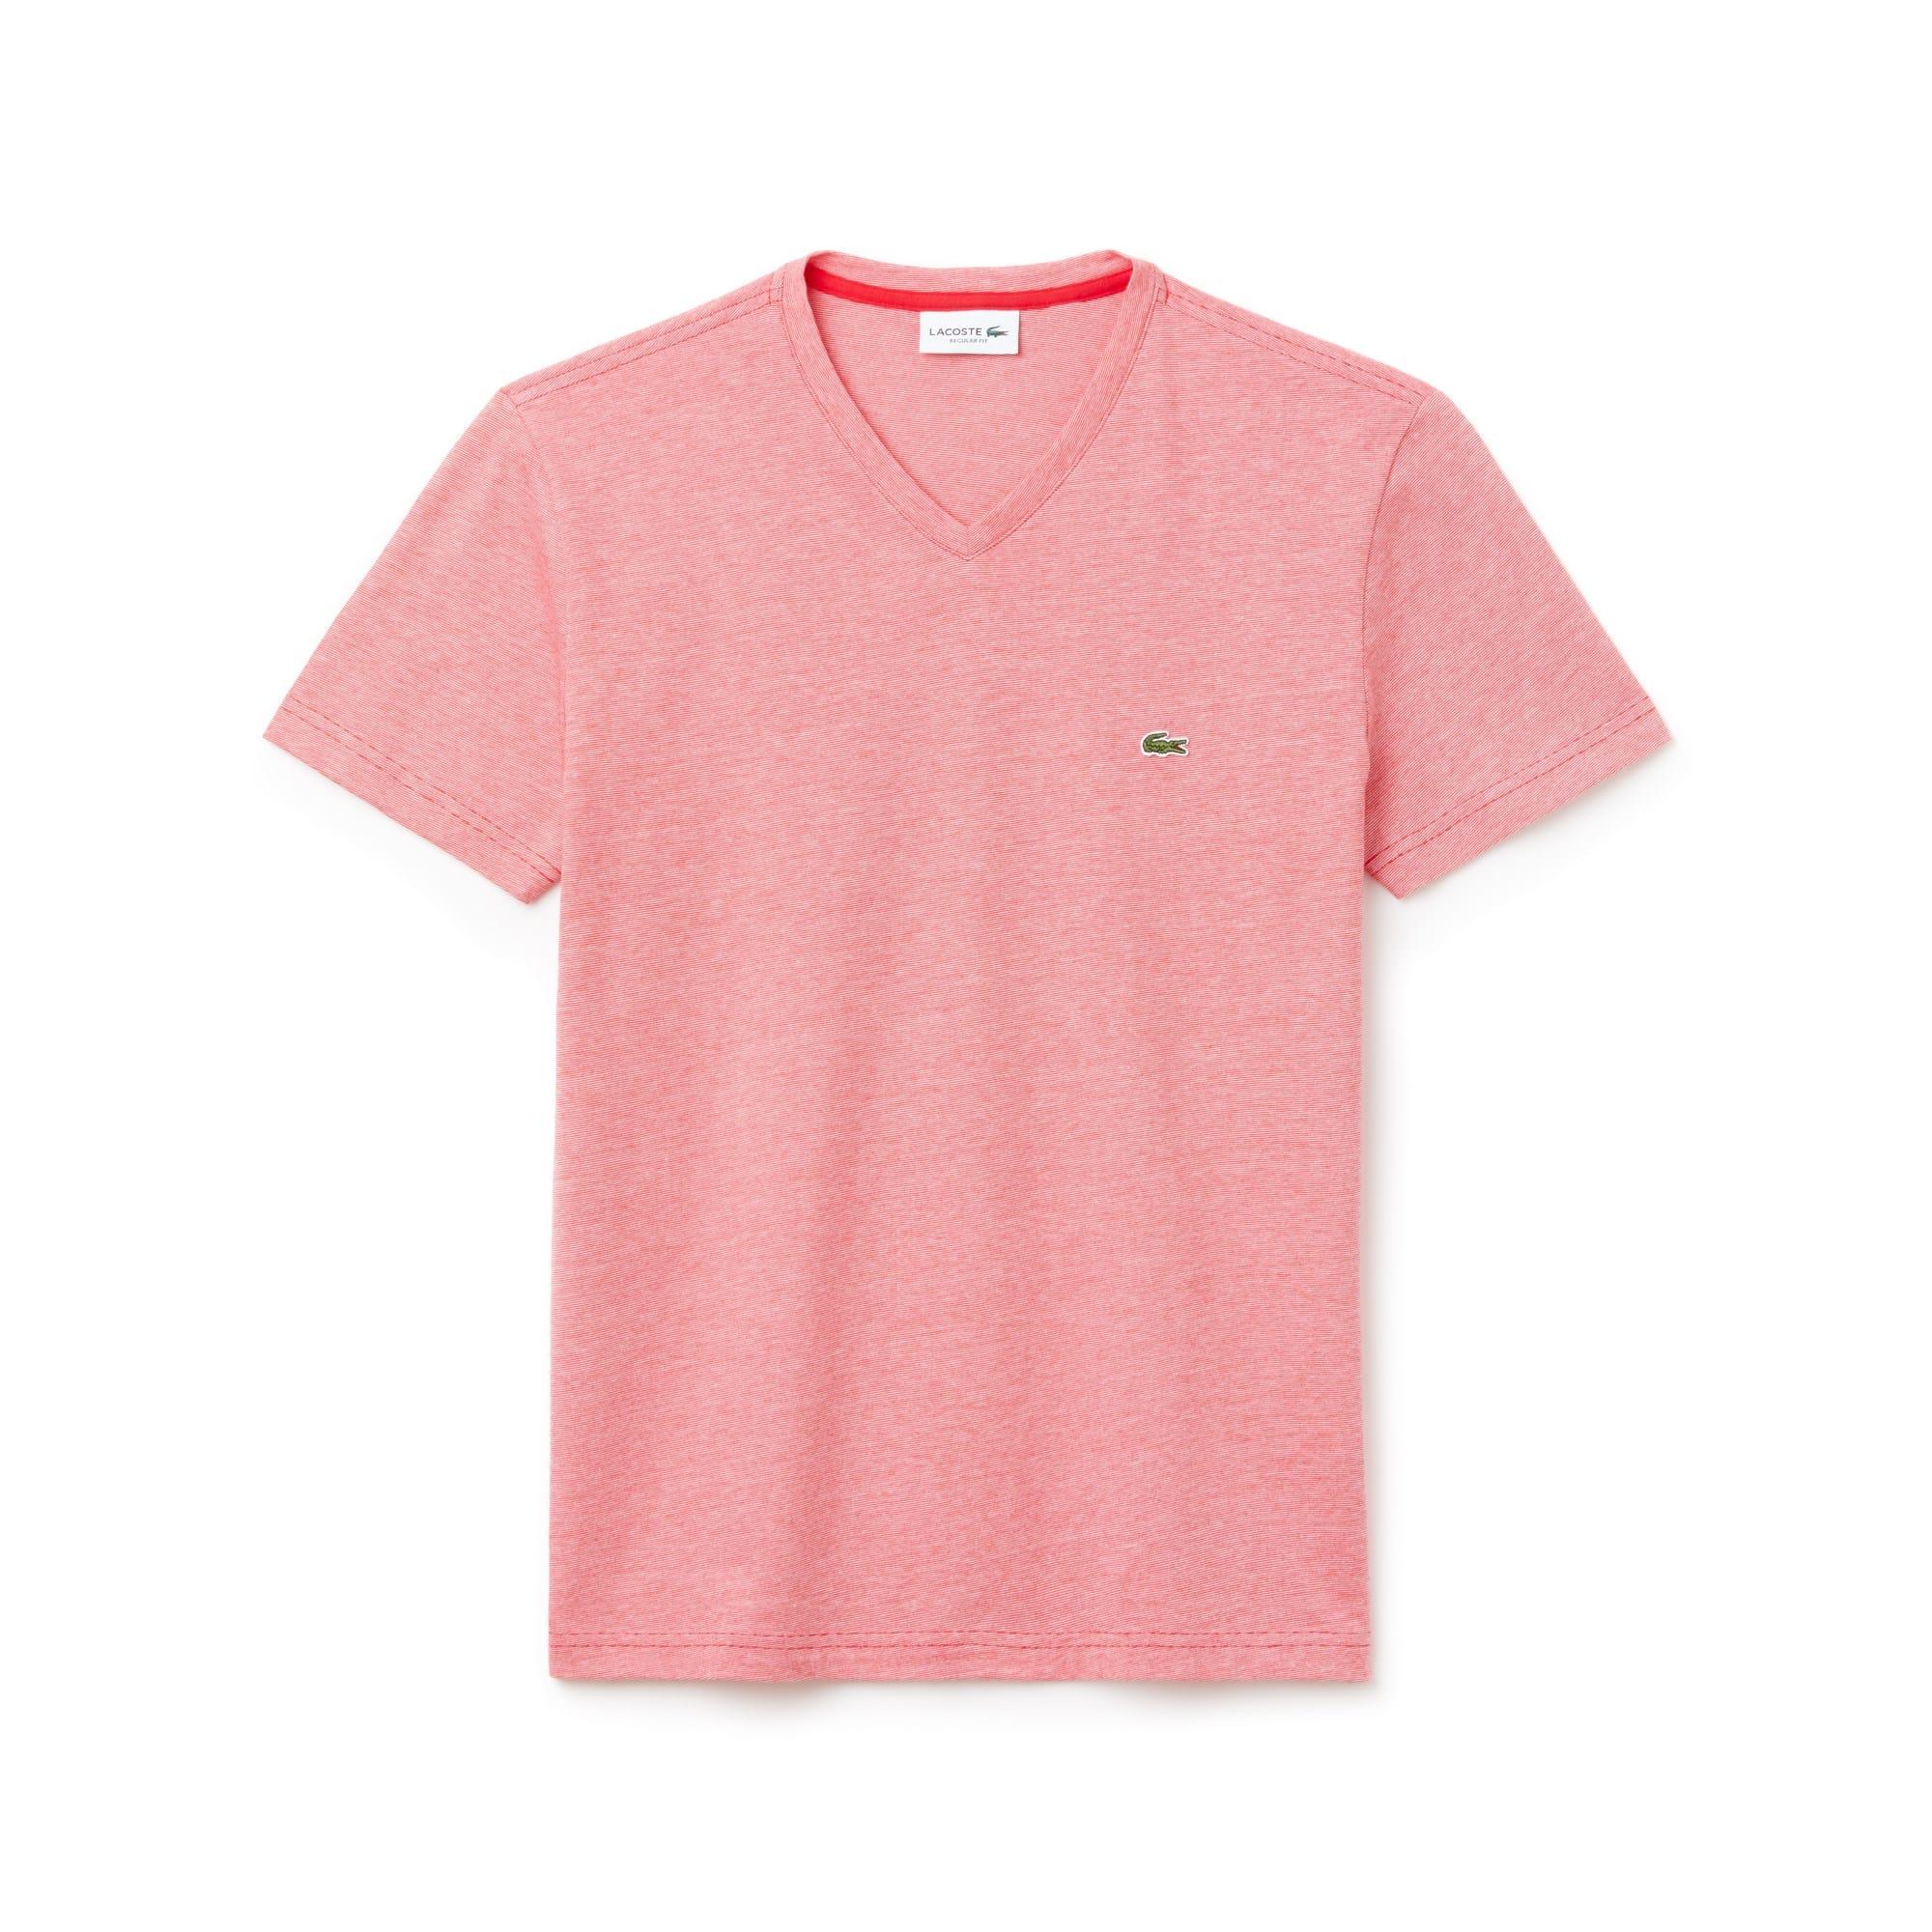 3a3335ea31 Camiseta masculina decote V em jérsei de algodão